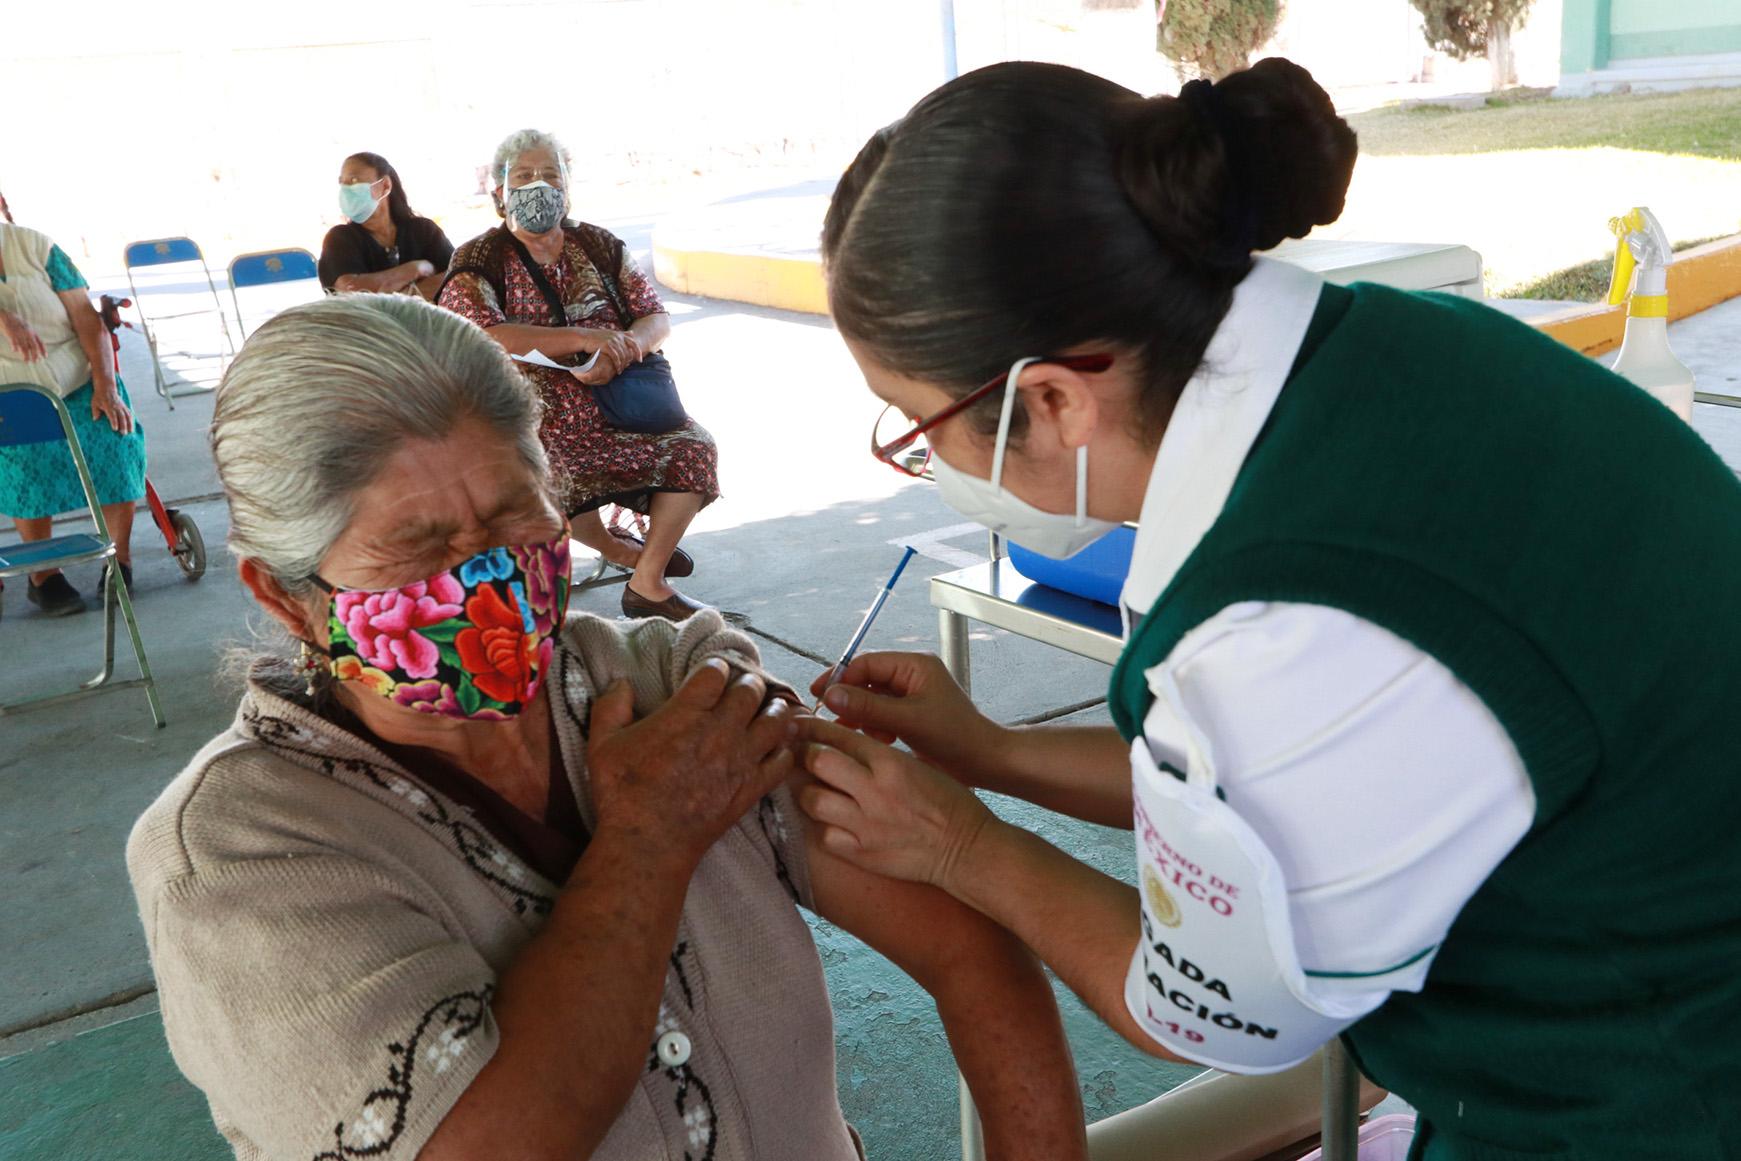 Llegan de madrugada para recibir la vacuna | El Imparcial de Oaxaca